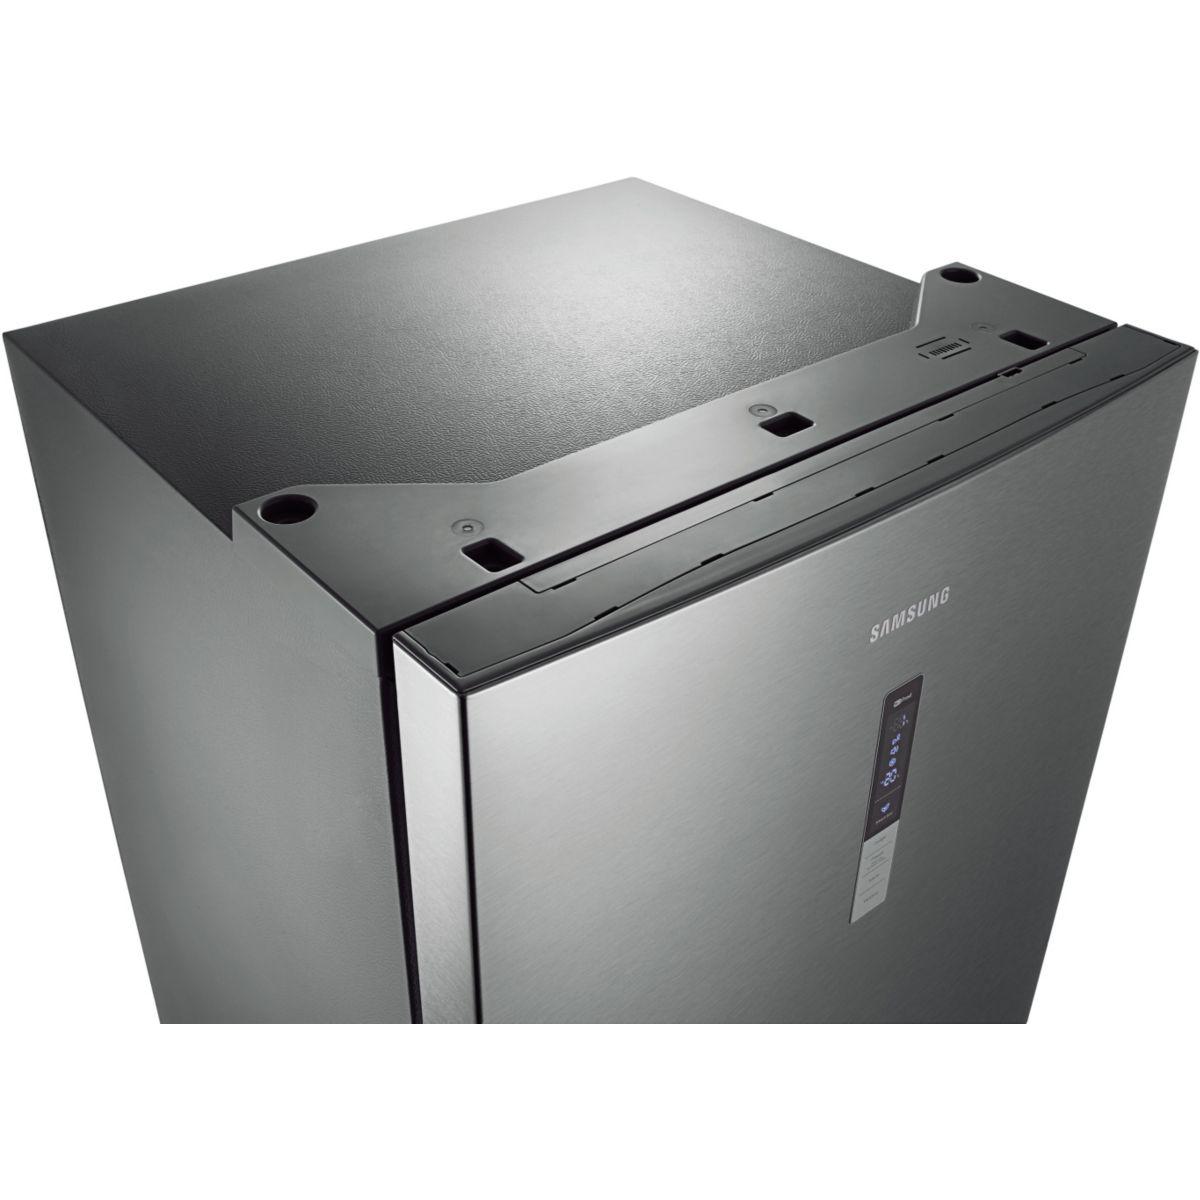 Réfrigérateur congélateur en bas samsung rl4352lbasp - 20% de remise immédiate avec le code : fete20